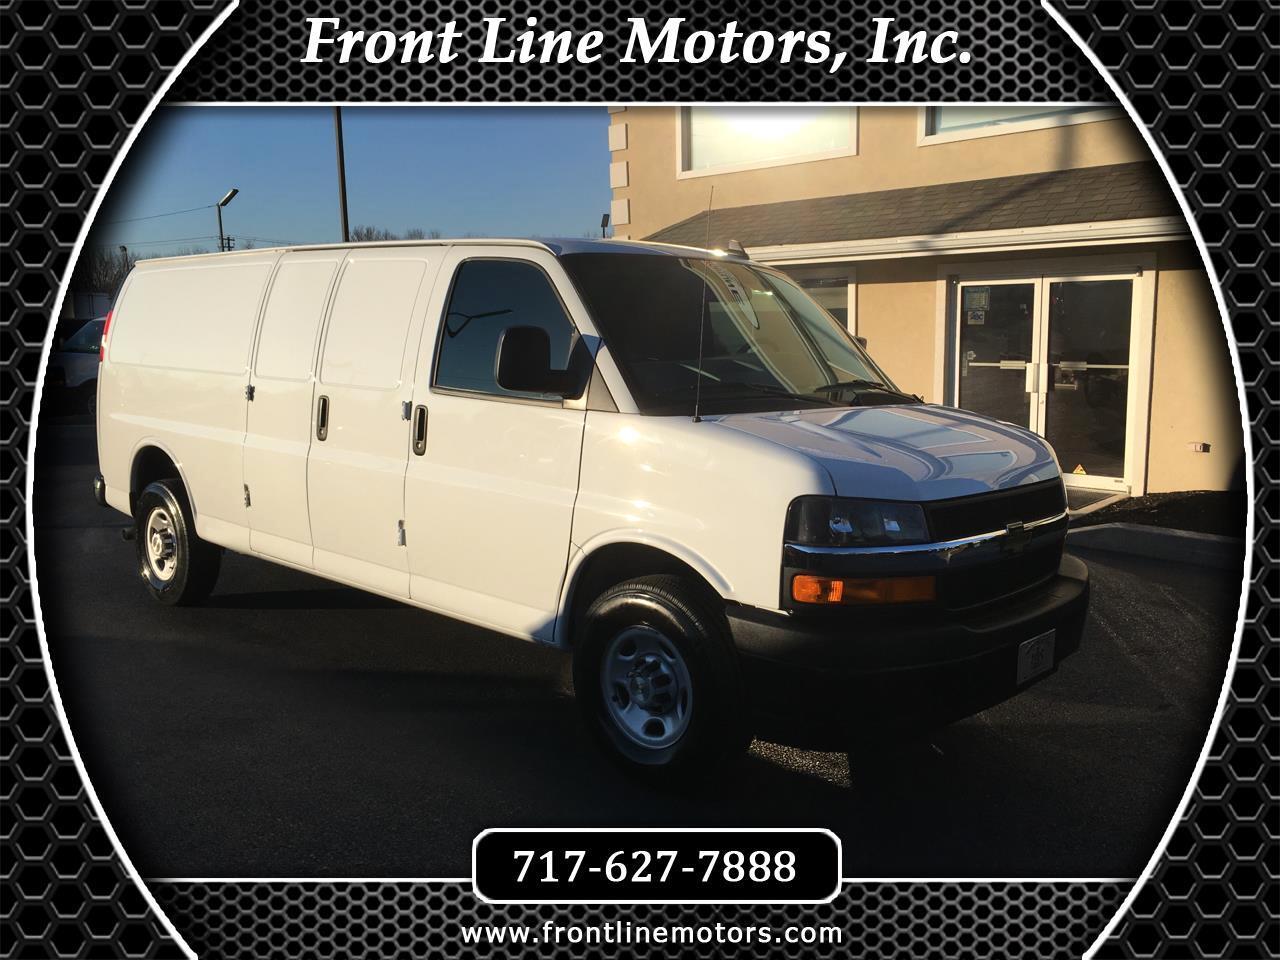 2019 Chevrolet Express Cargo Van RWD 2500 155